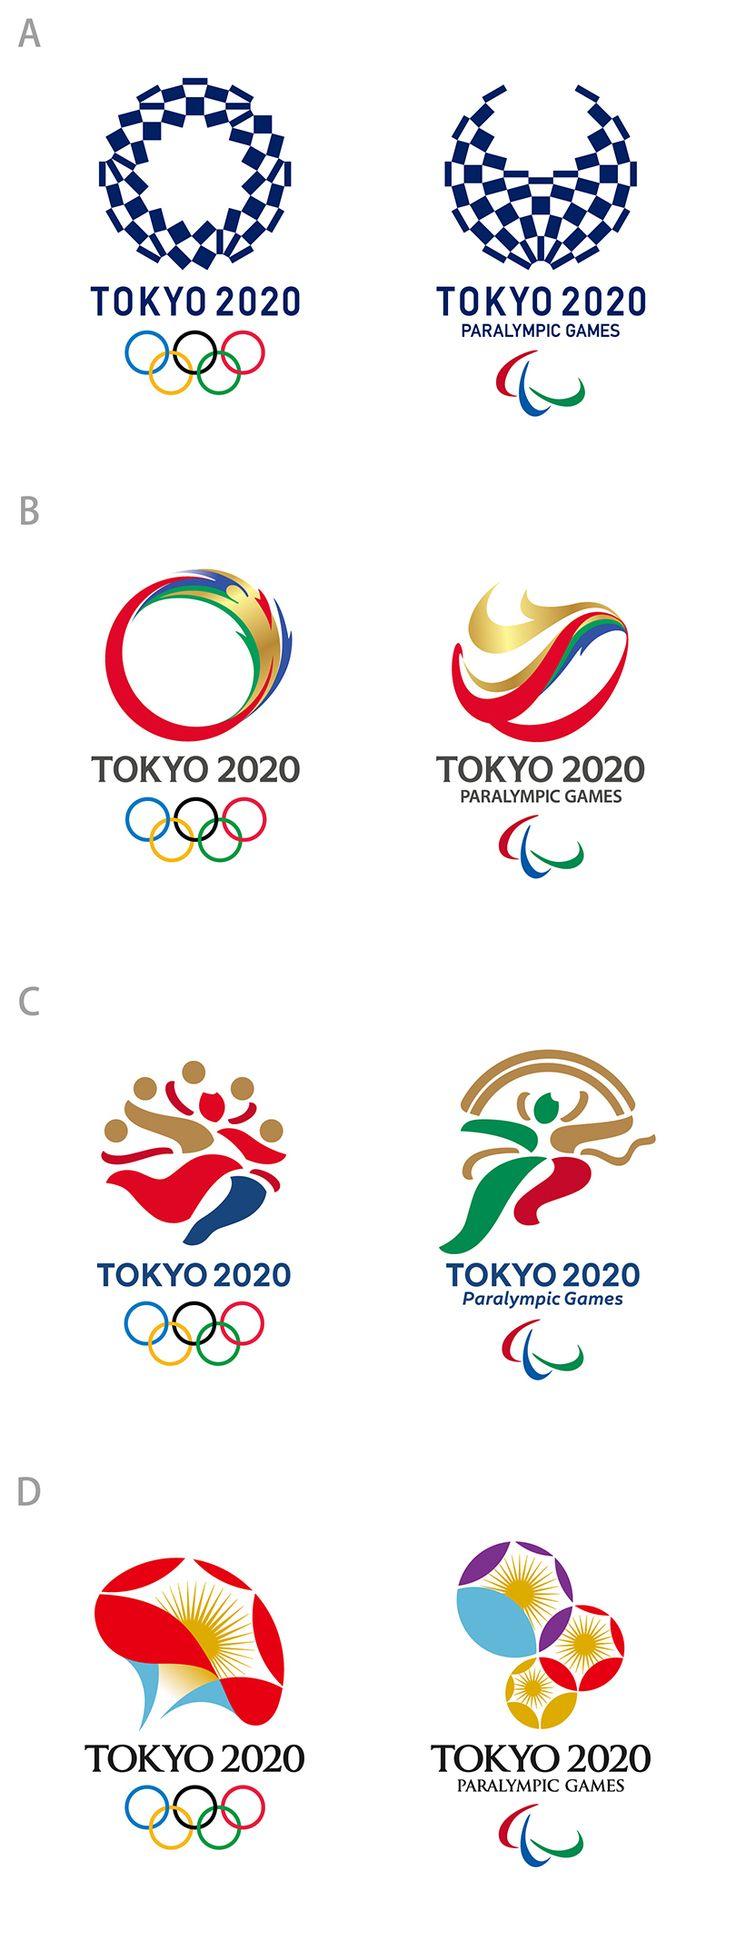 東京2020大会エンブレム最終候補4作品